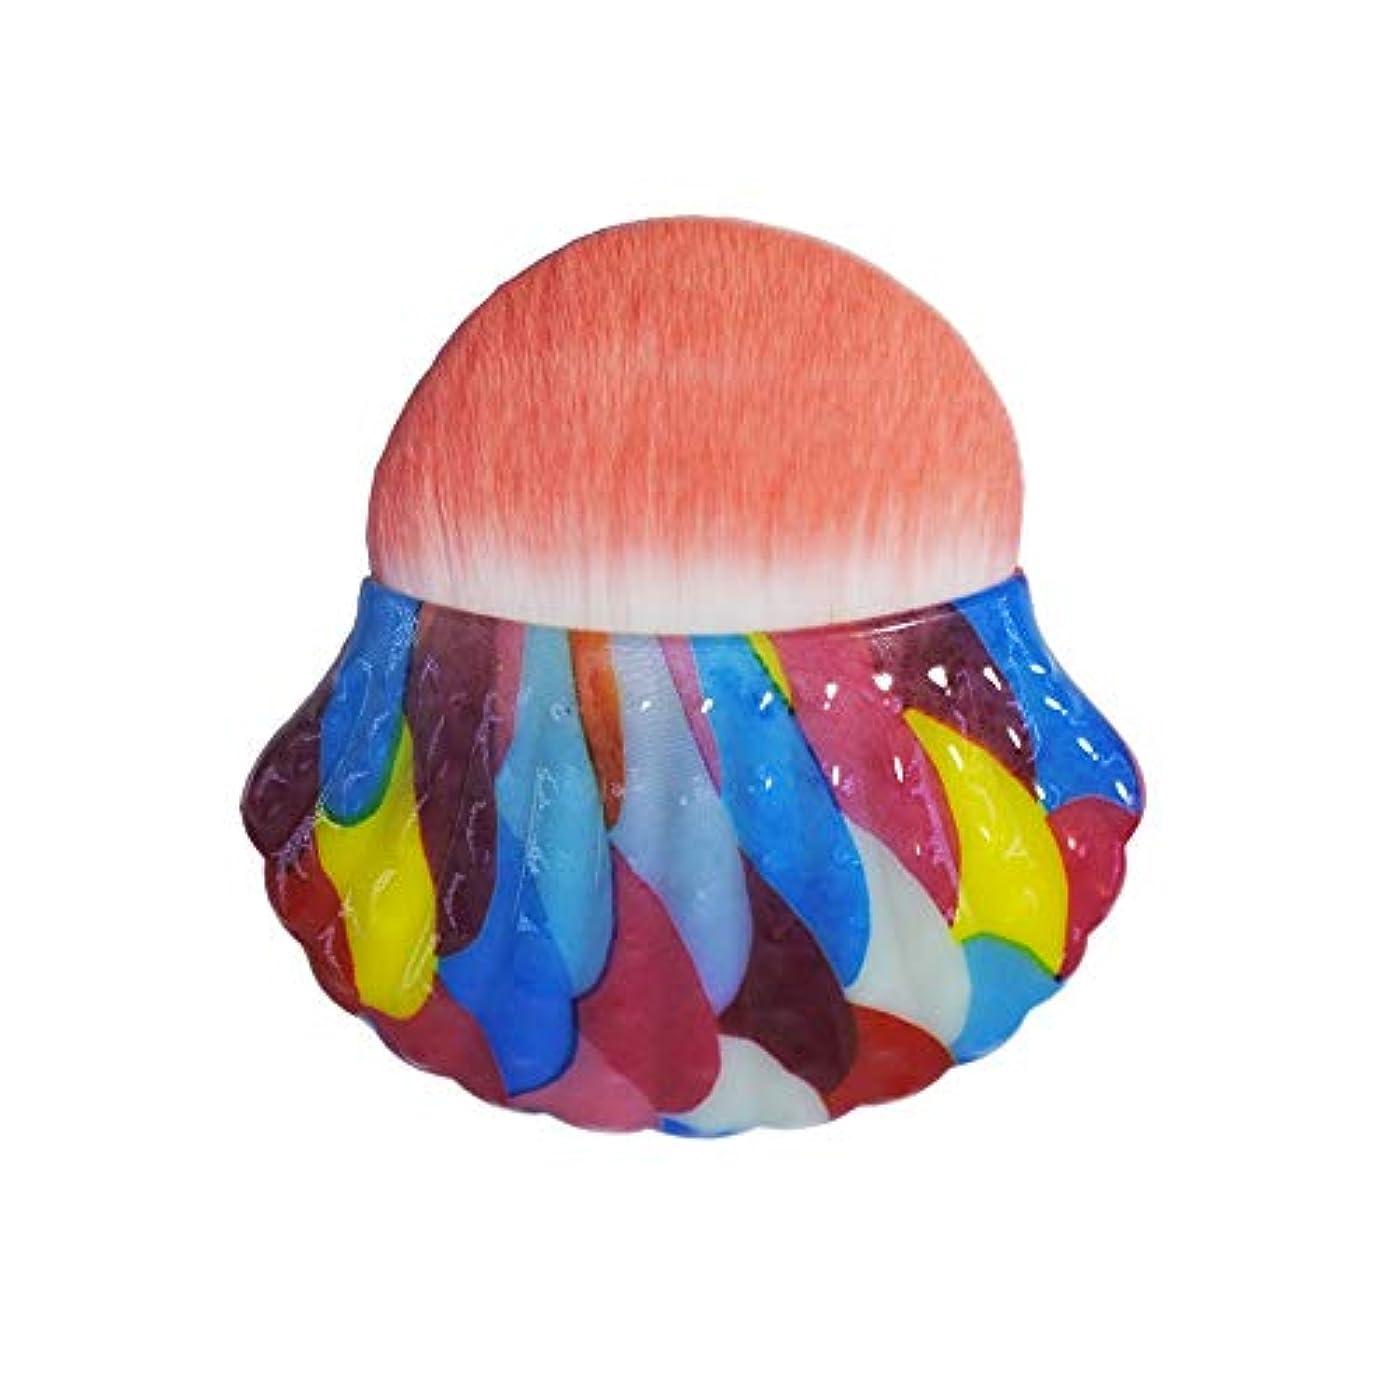 最大限私達ハンディキャップMakeup brushes 色、独占シェルタイプブラッシュブラシ美容メイクブラシツールポータブル多機能メイクブラシ suits (Color : Rainbow)